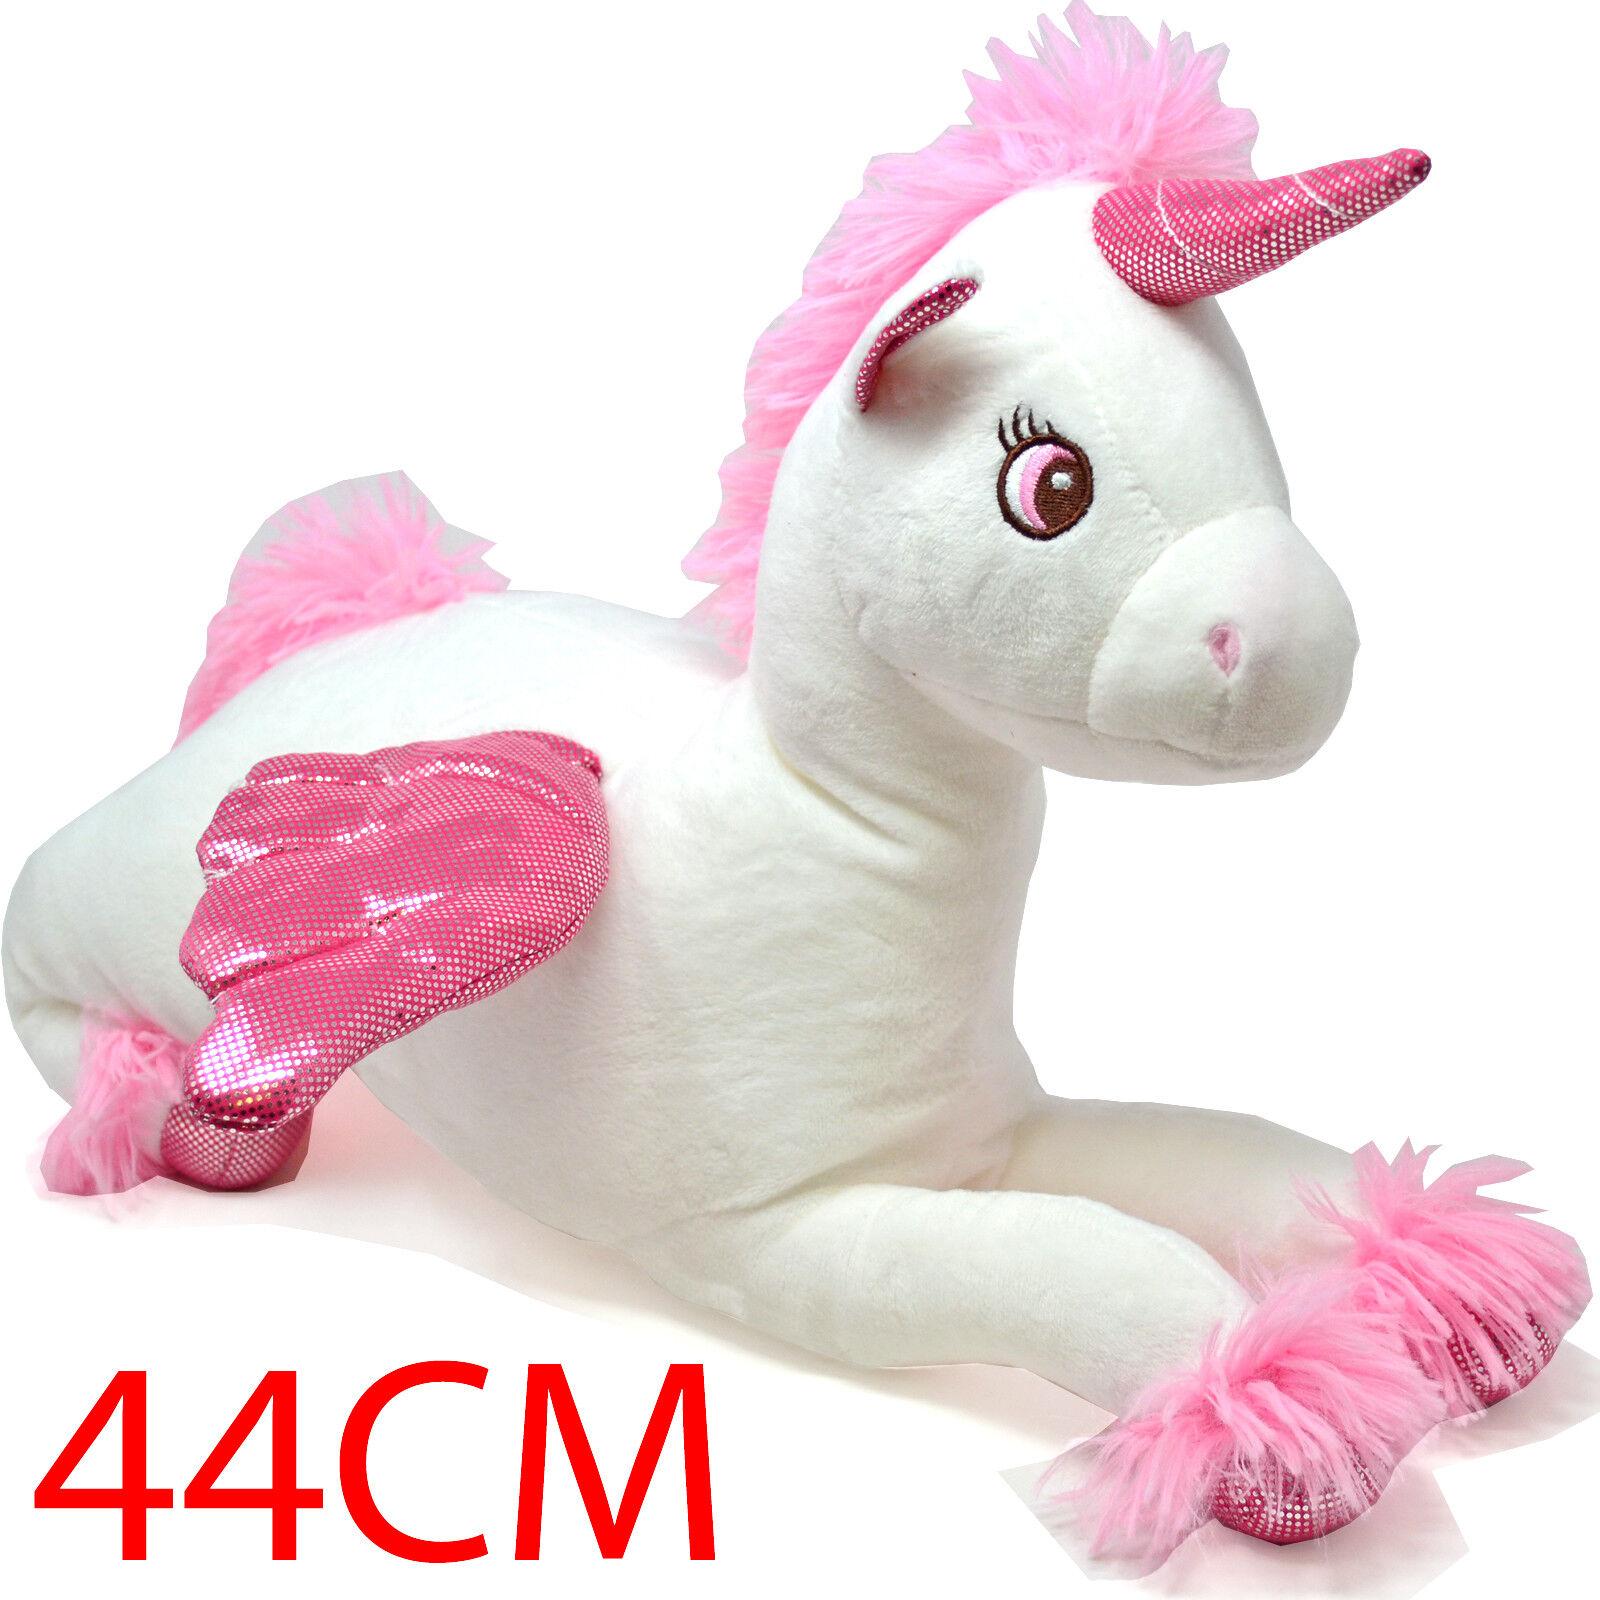 44CM MAGICAL WHITE PLUSH UNICORN PONY STUFFED ANIMAL TOY GIRLS SOFT XMAS GIFT